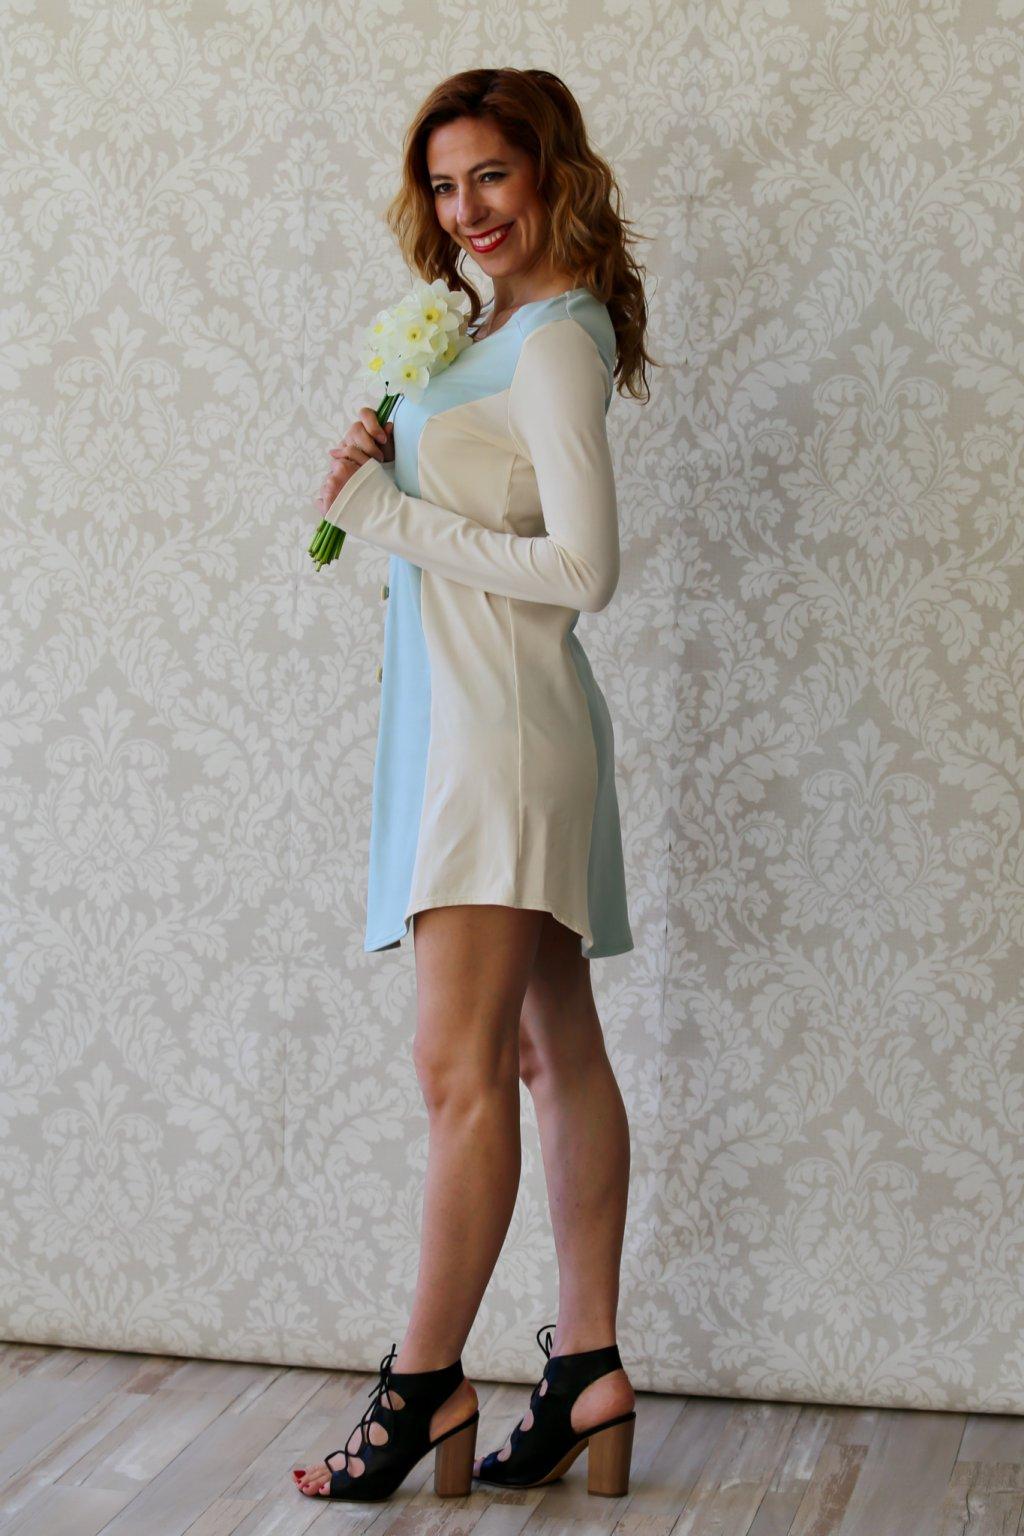 Košilové šaty Prakriti s knoflíky / Mintová a champagne